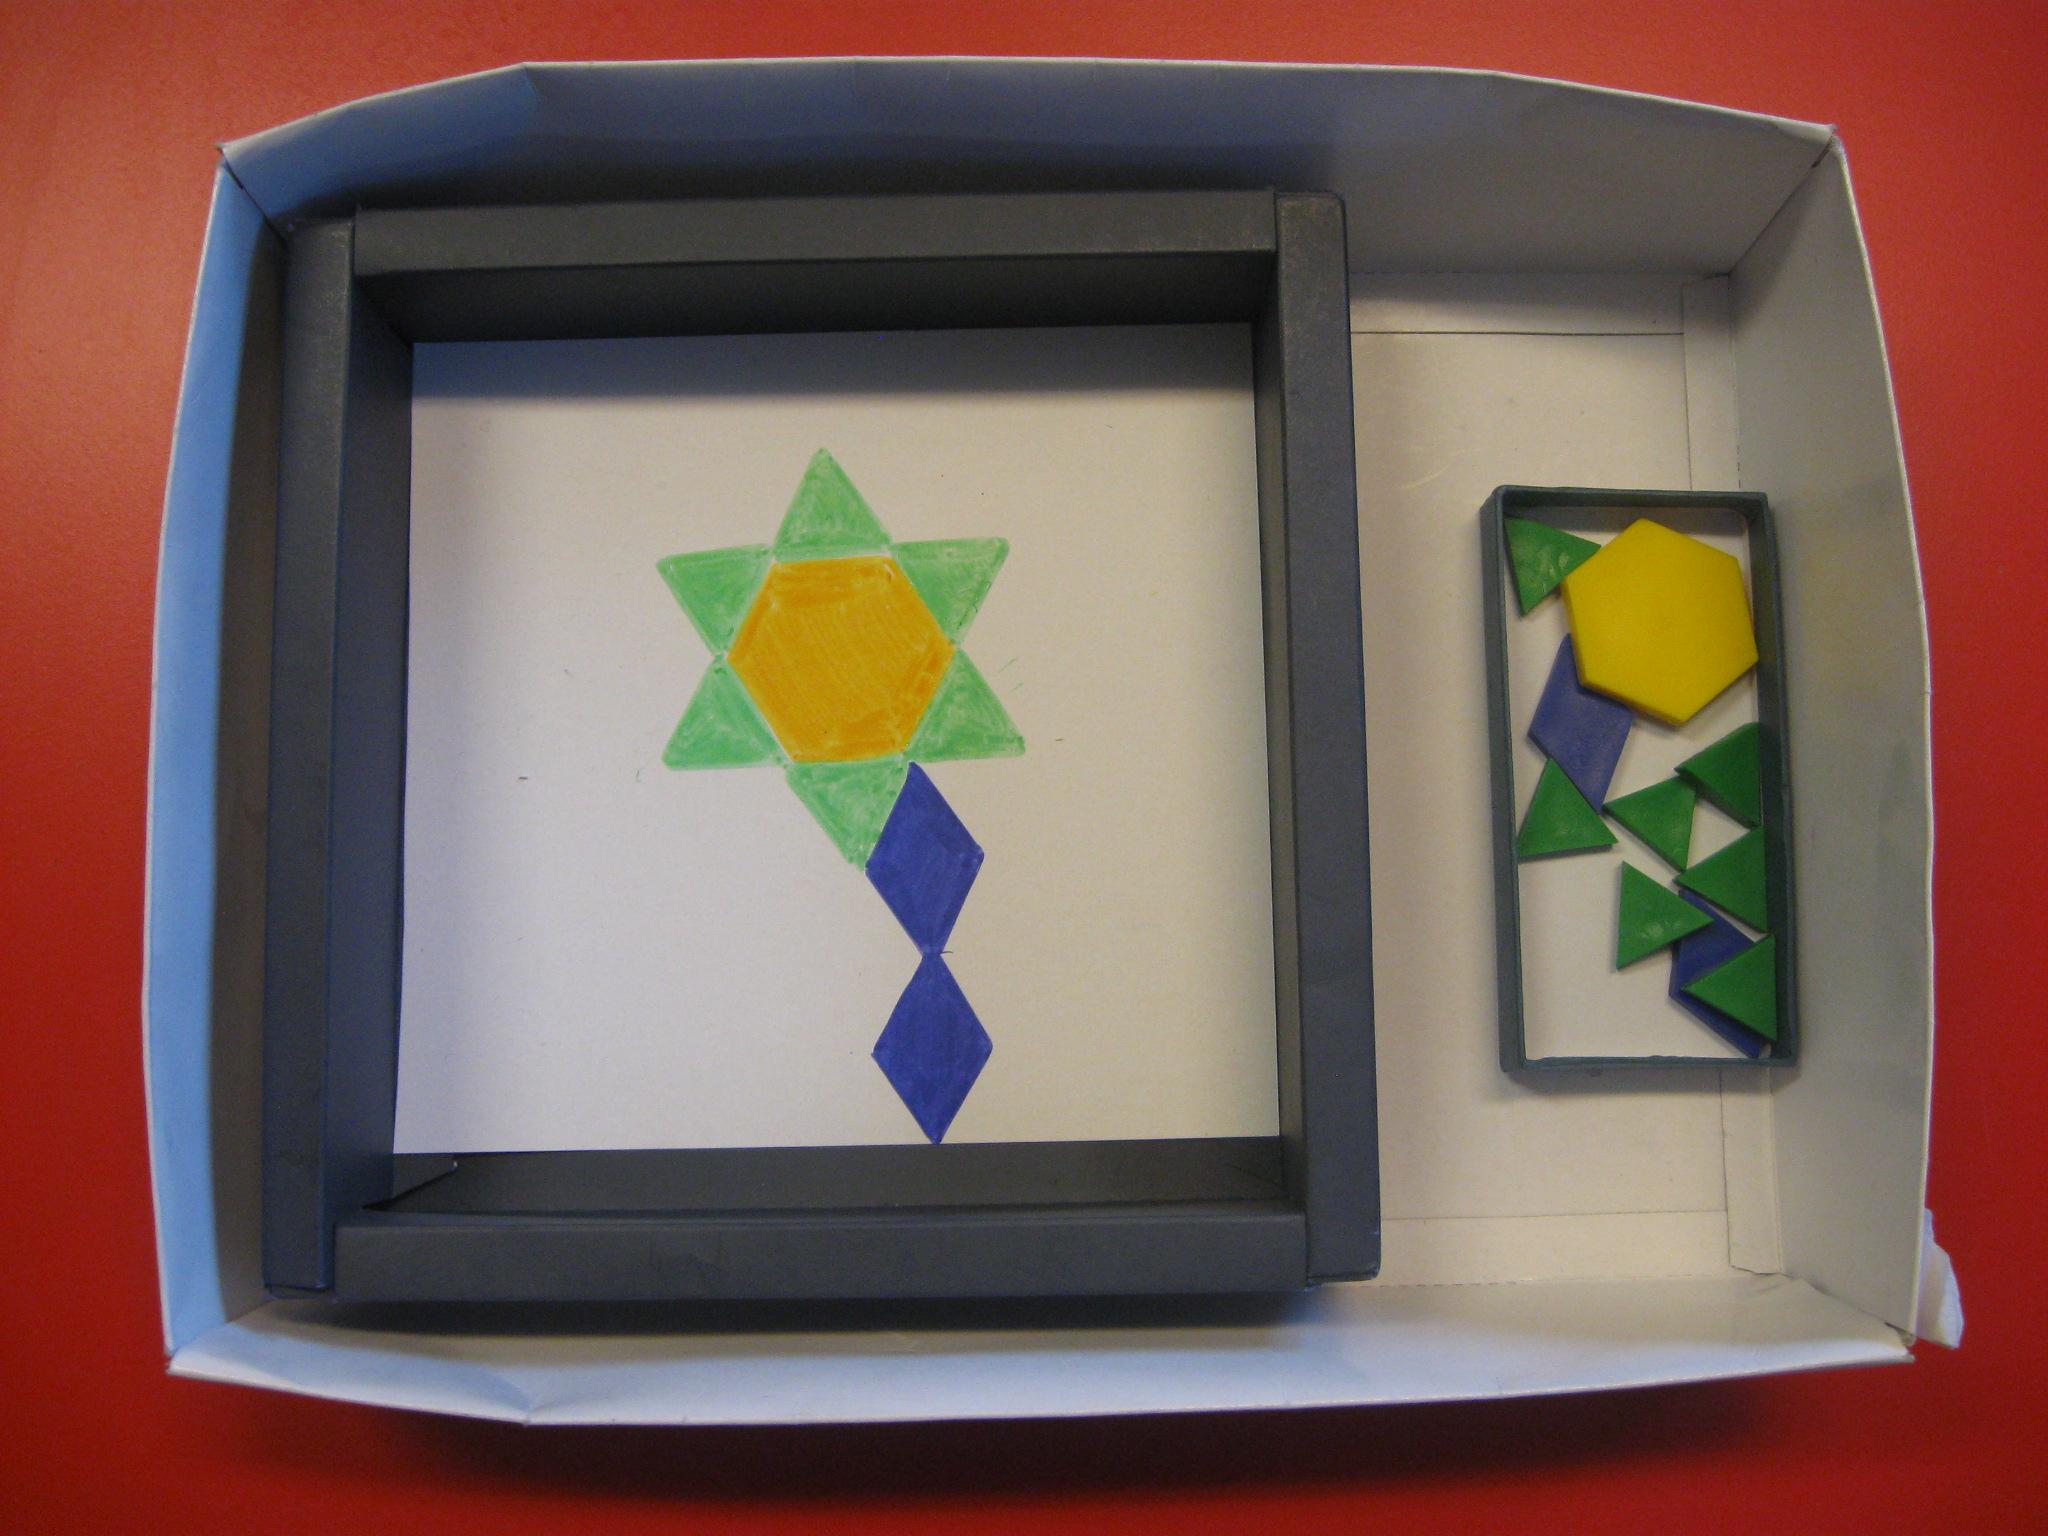 Una scatola contenente un fiore disegnato. Una scatoletta contenente forme di plastica colorata.